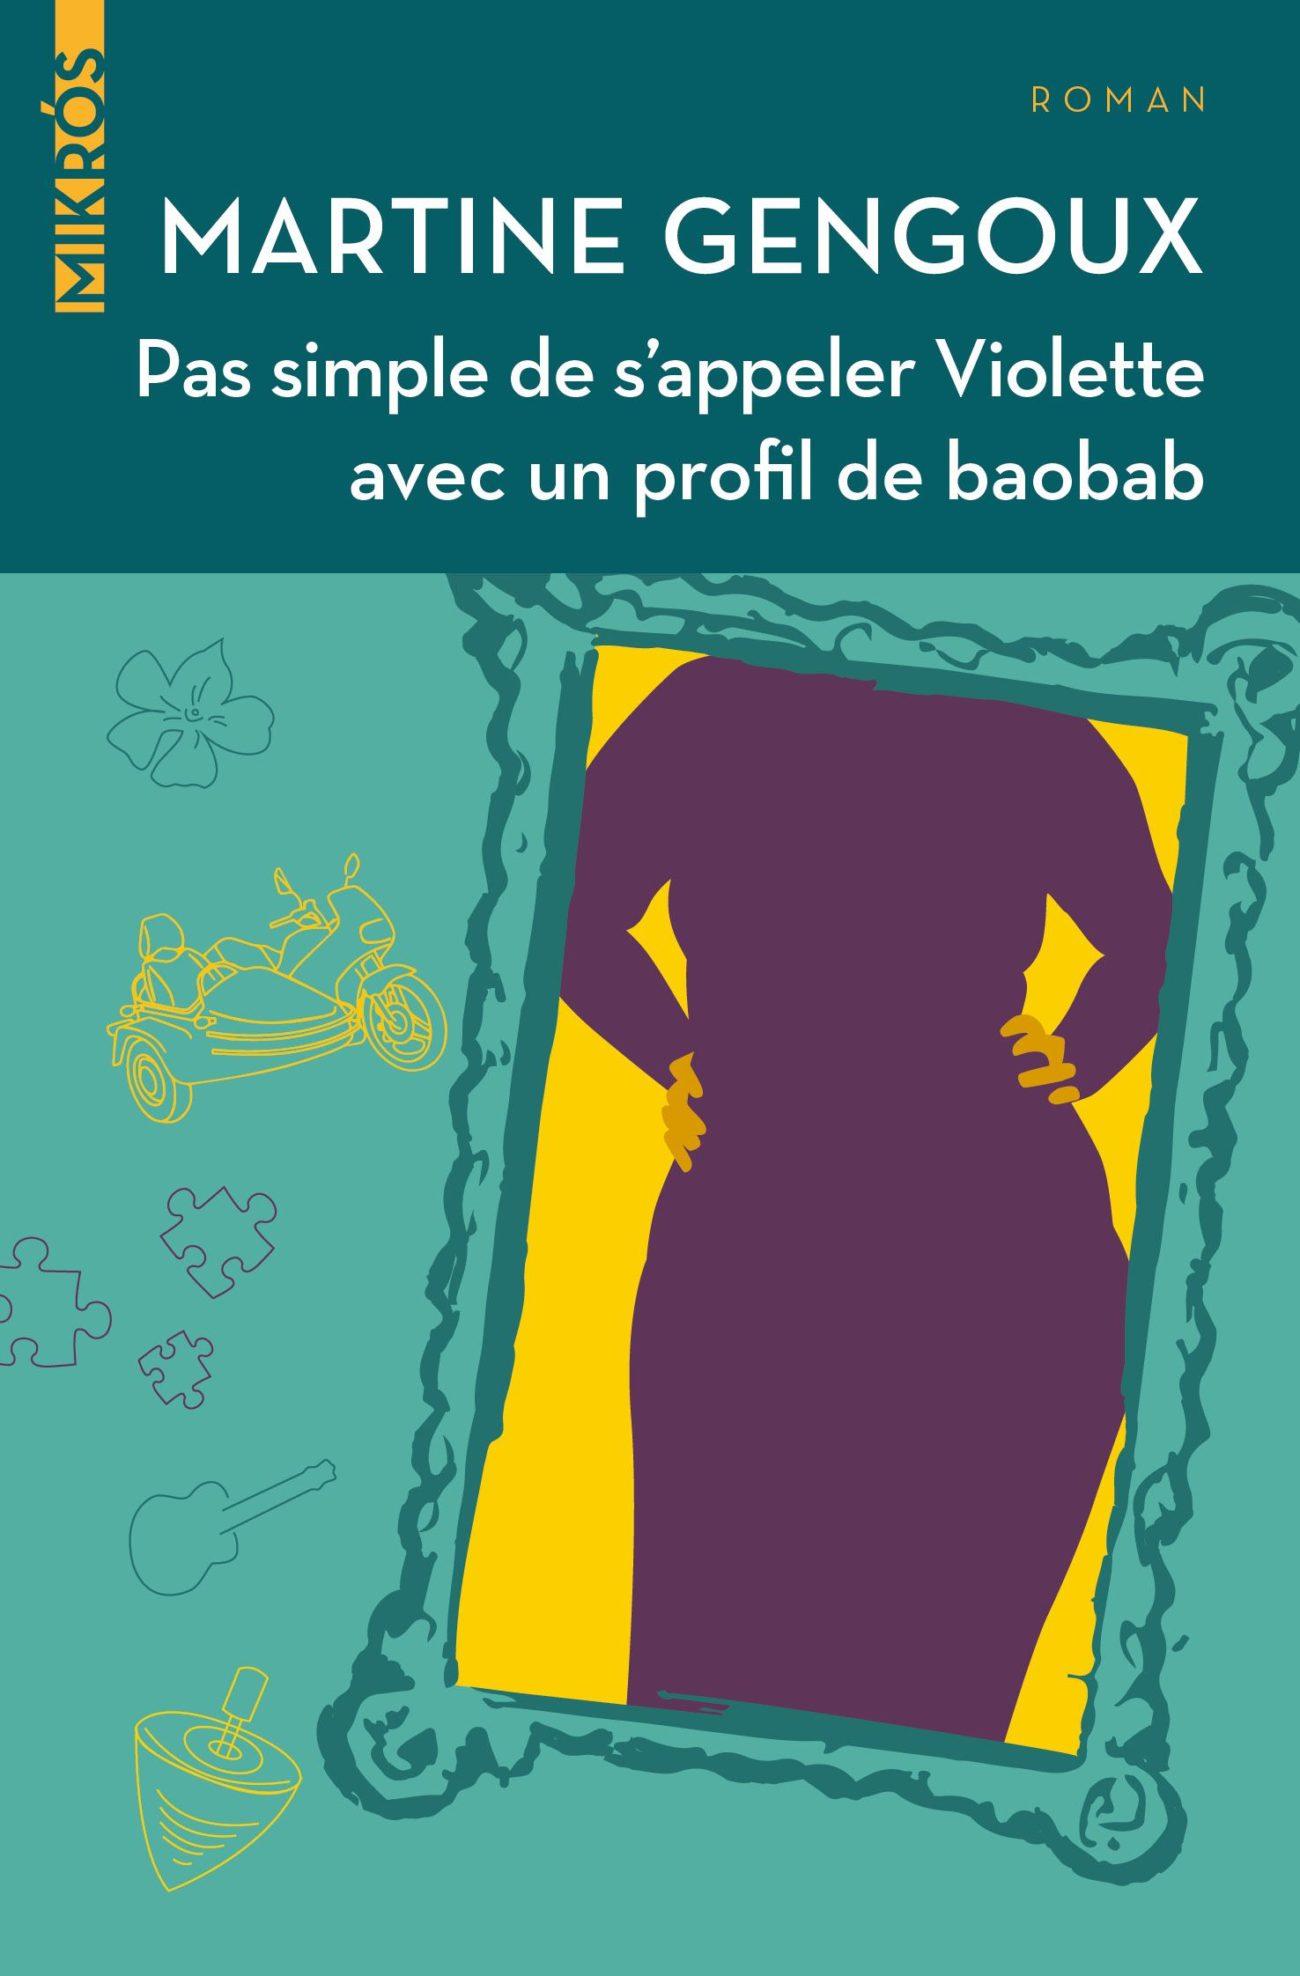 Pas simple de s'appeler Violette avec un pofil de baobab